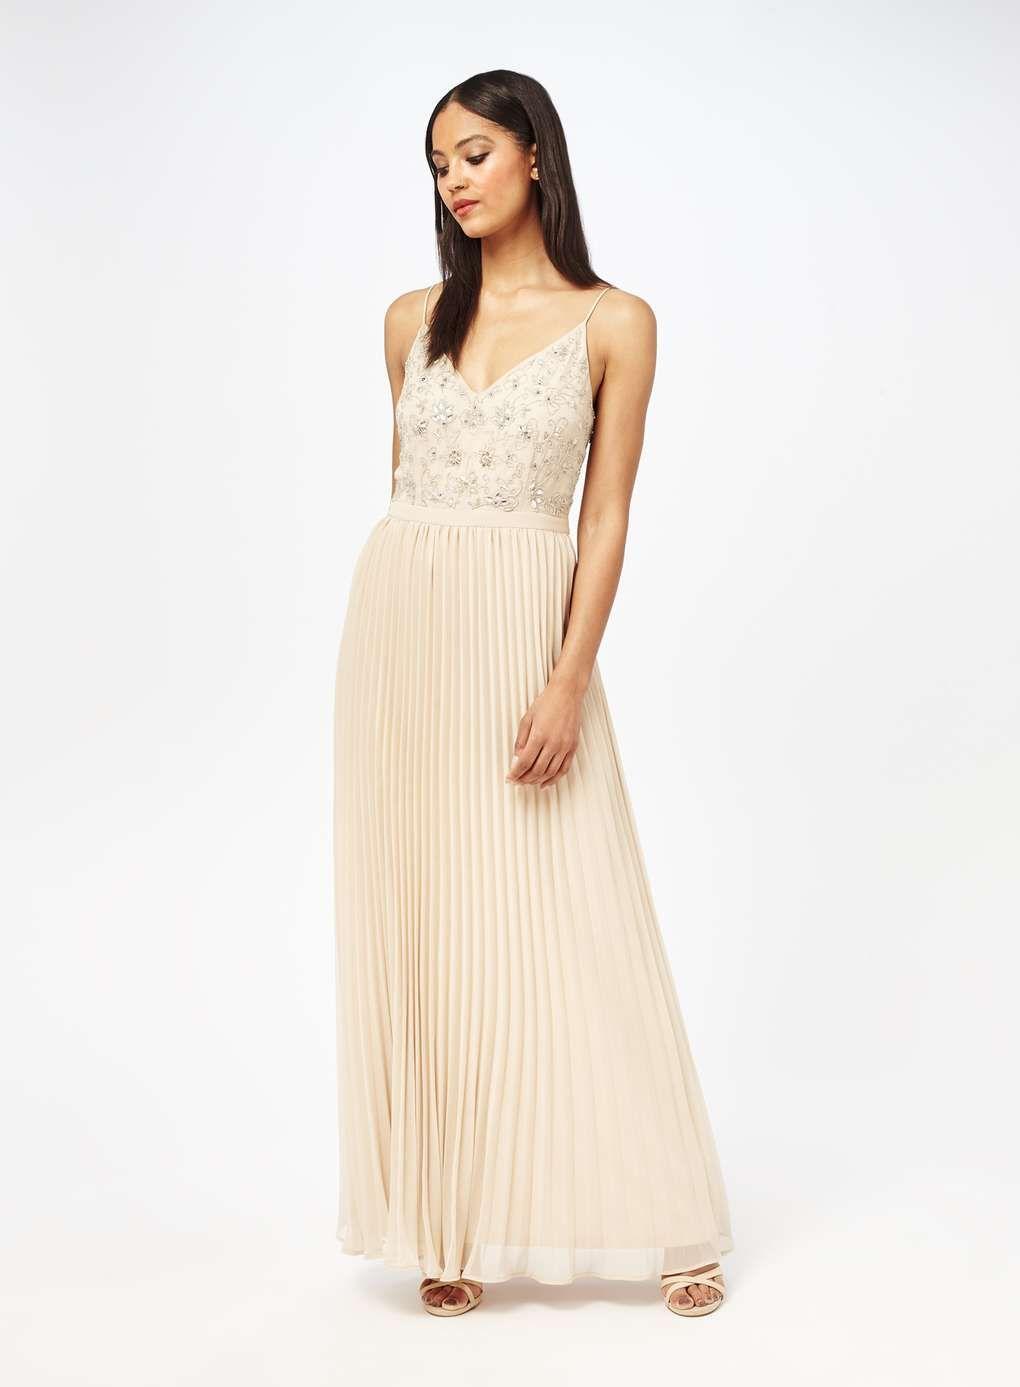 Embellished Pleat Maxi Dress - View All - Dress Shop - Miss Selfridge